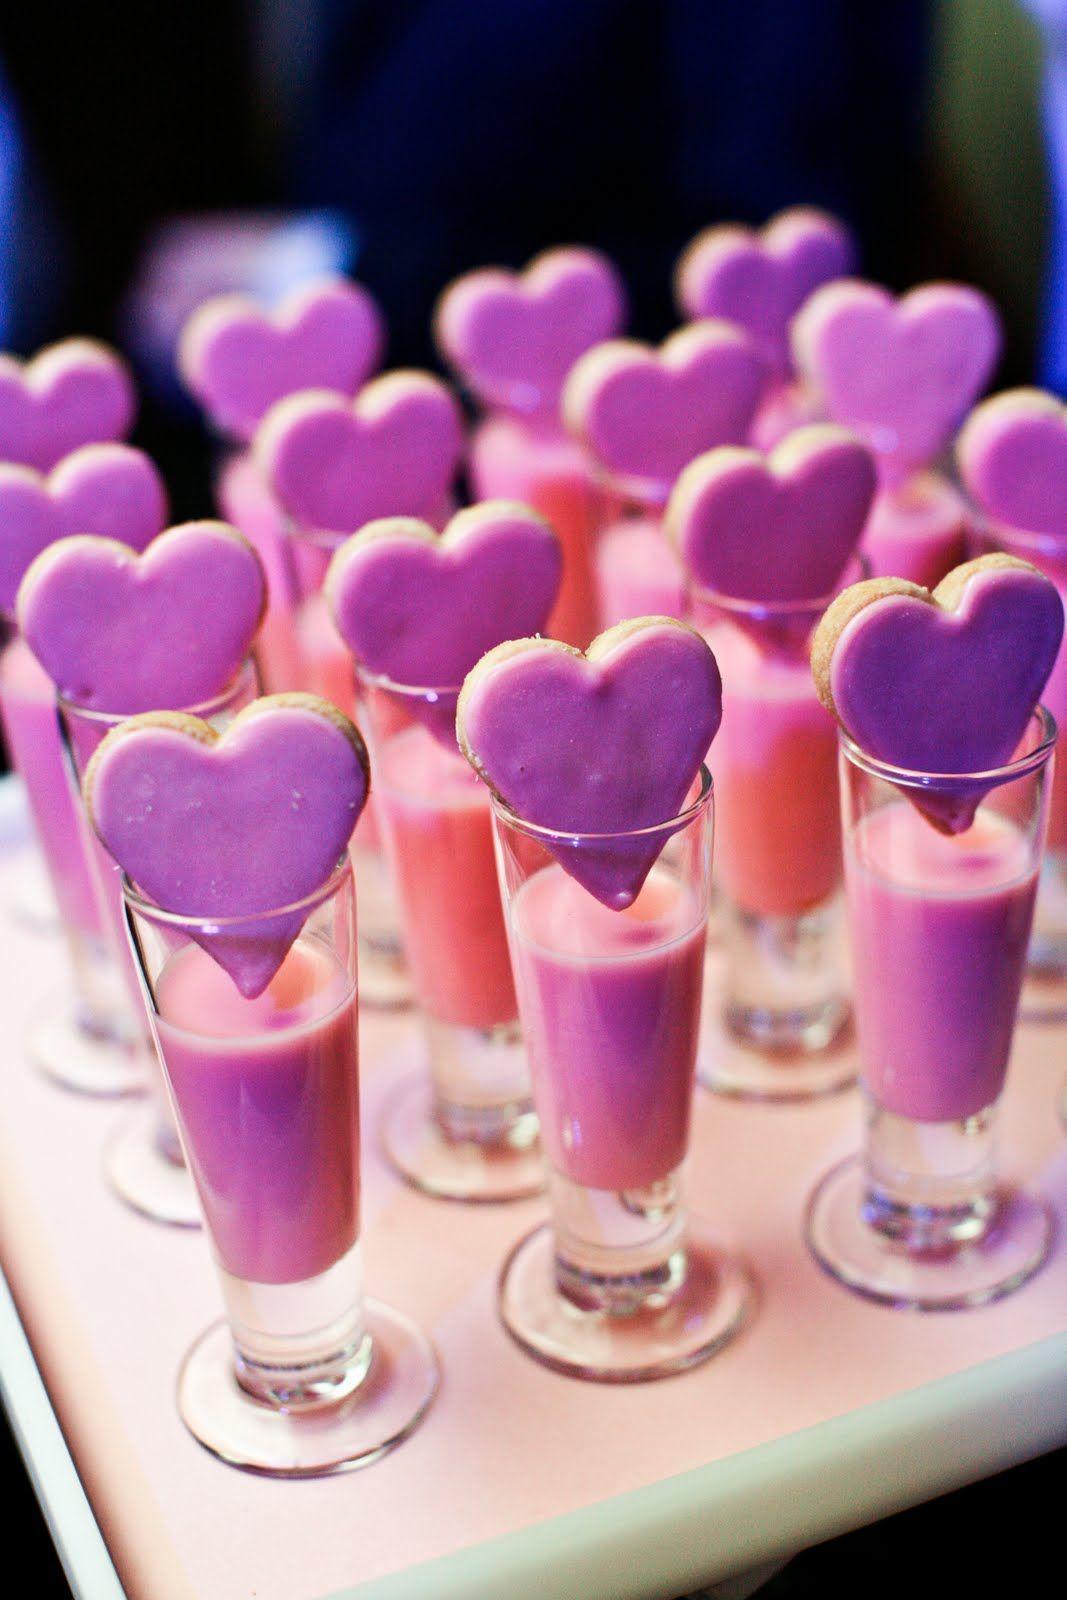 Milk & Heart Cookies